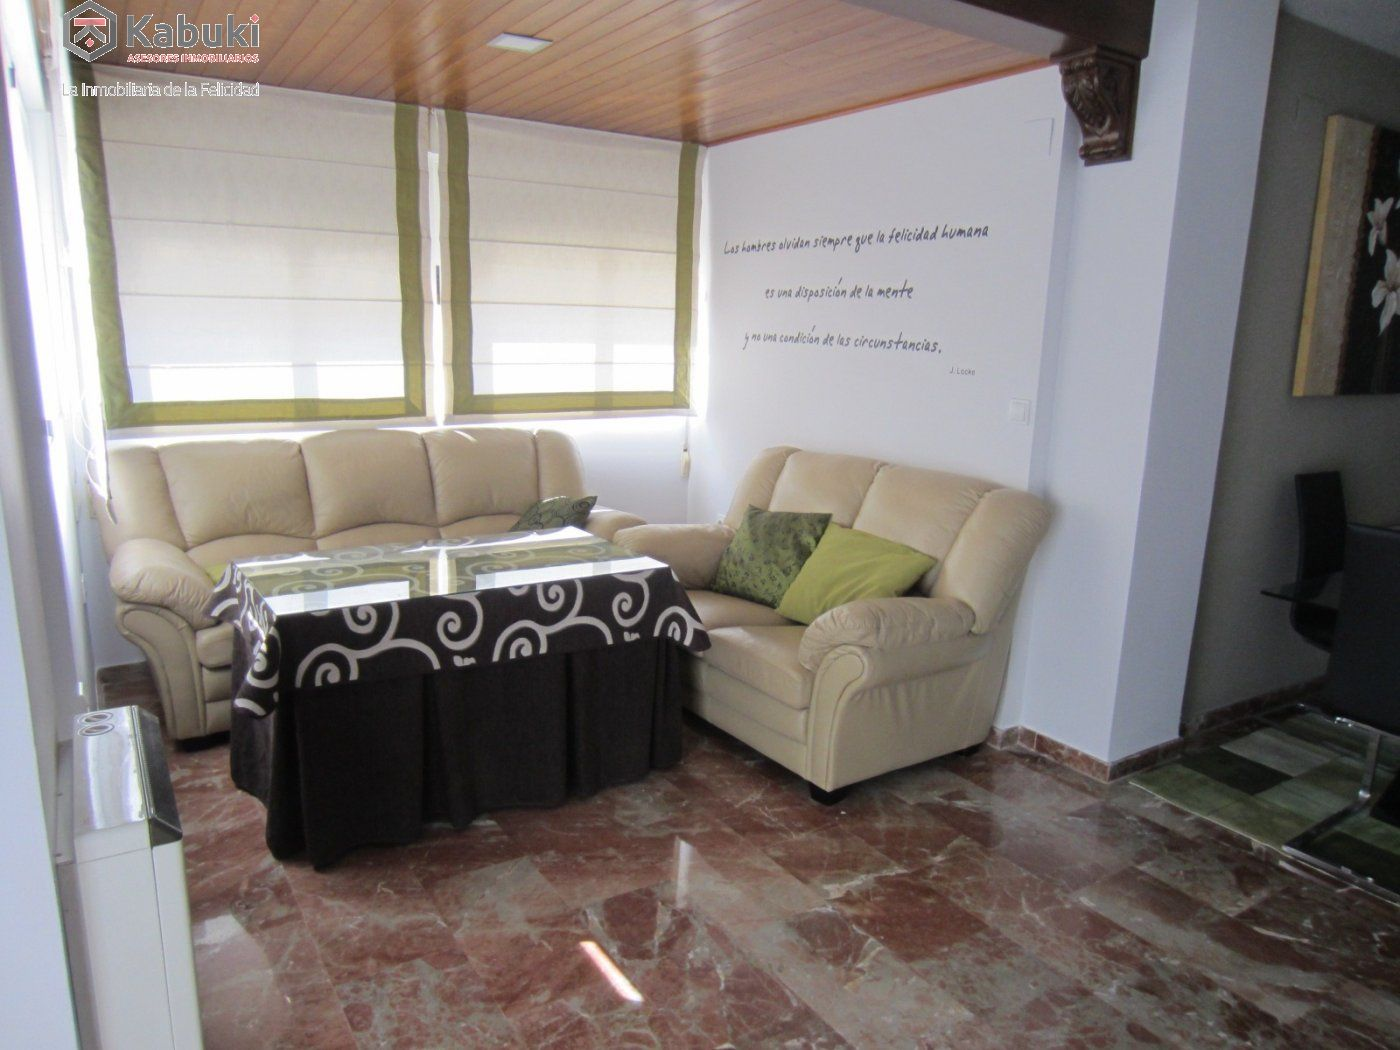 Ático con vistas despejadas en zona residencial, 3 dormitorios, inmejorables calidades - imagenInmueble1